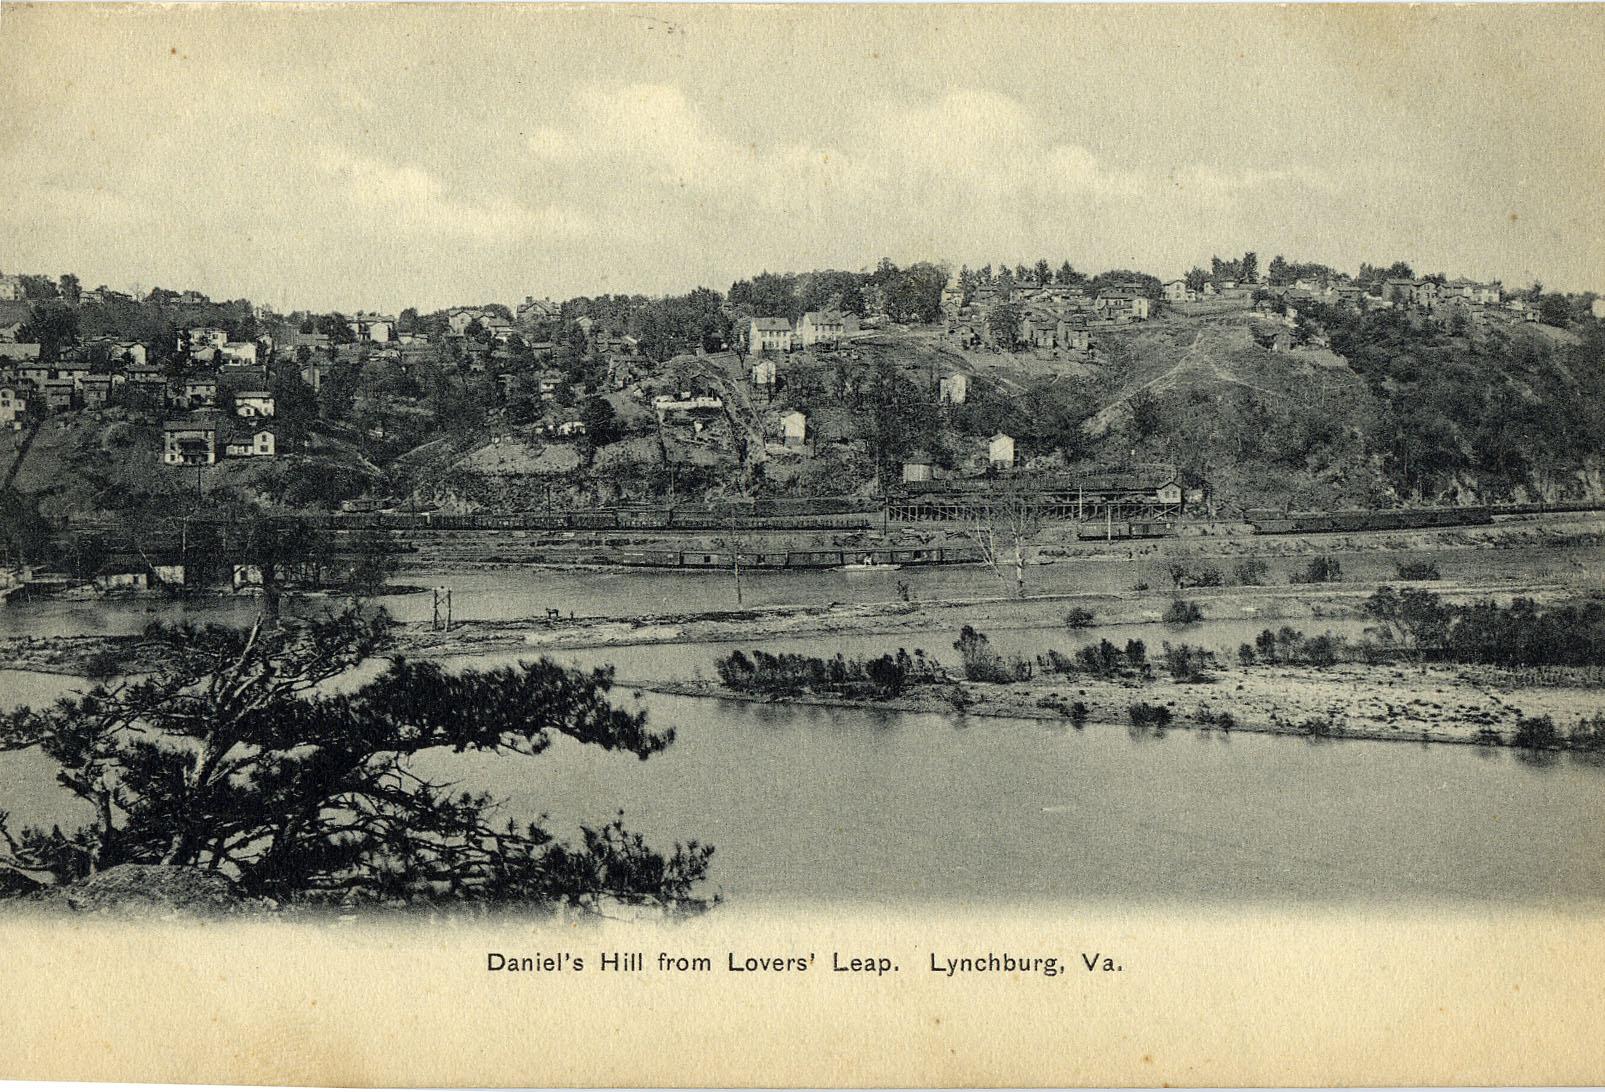 daniels hill.jpg